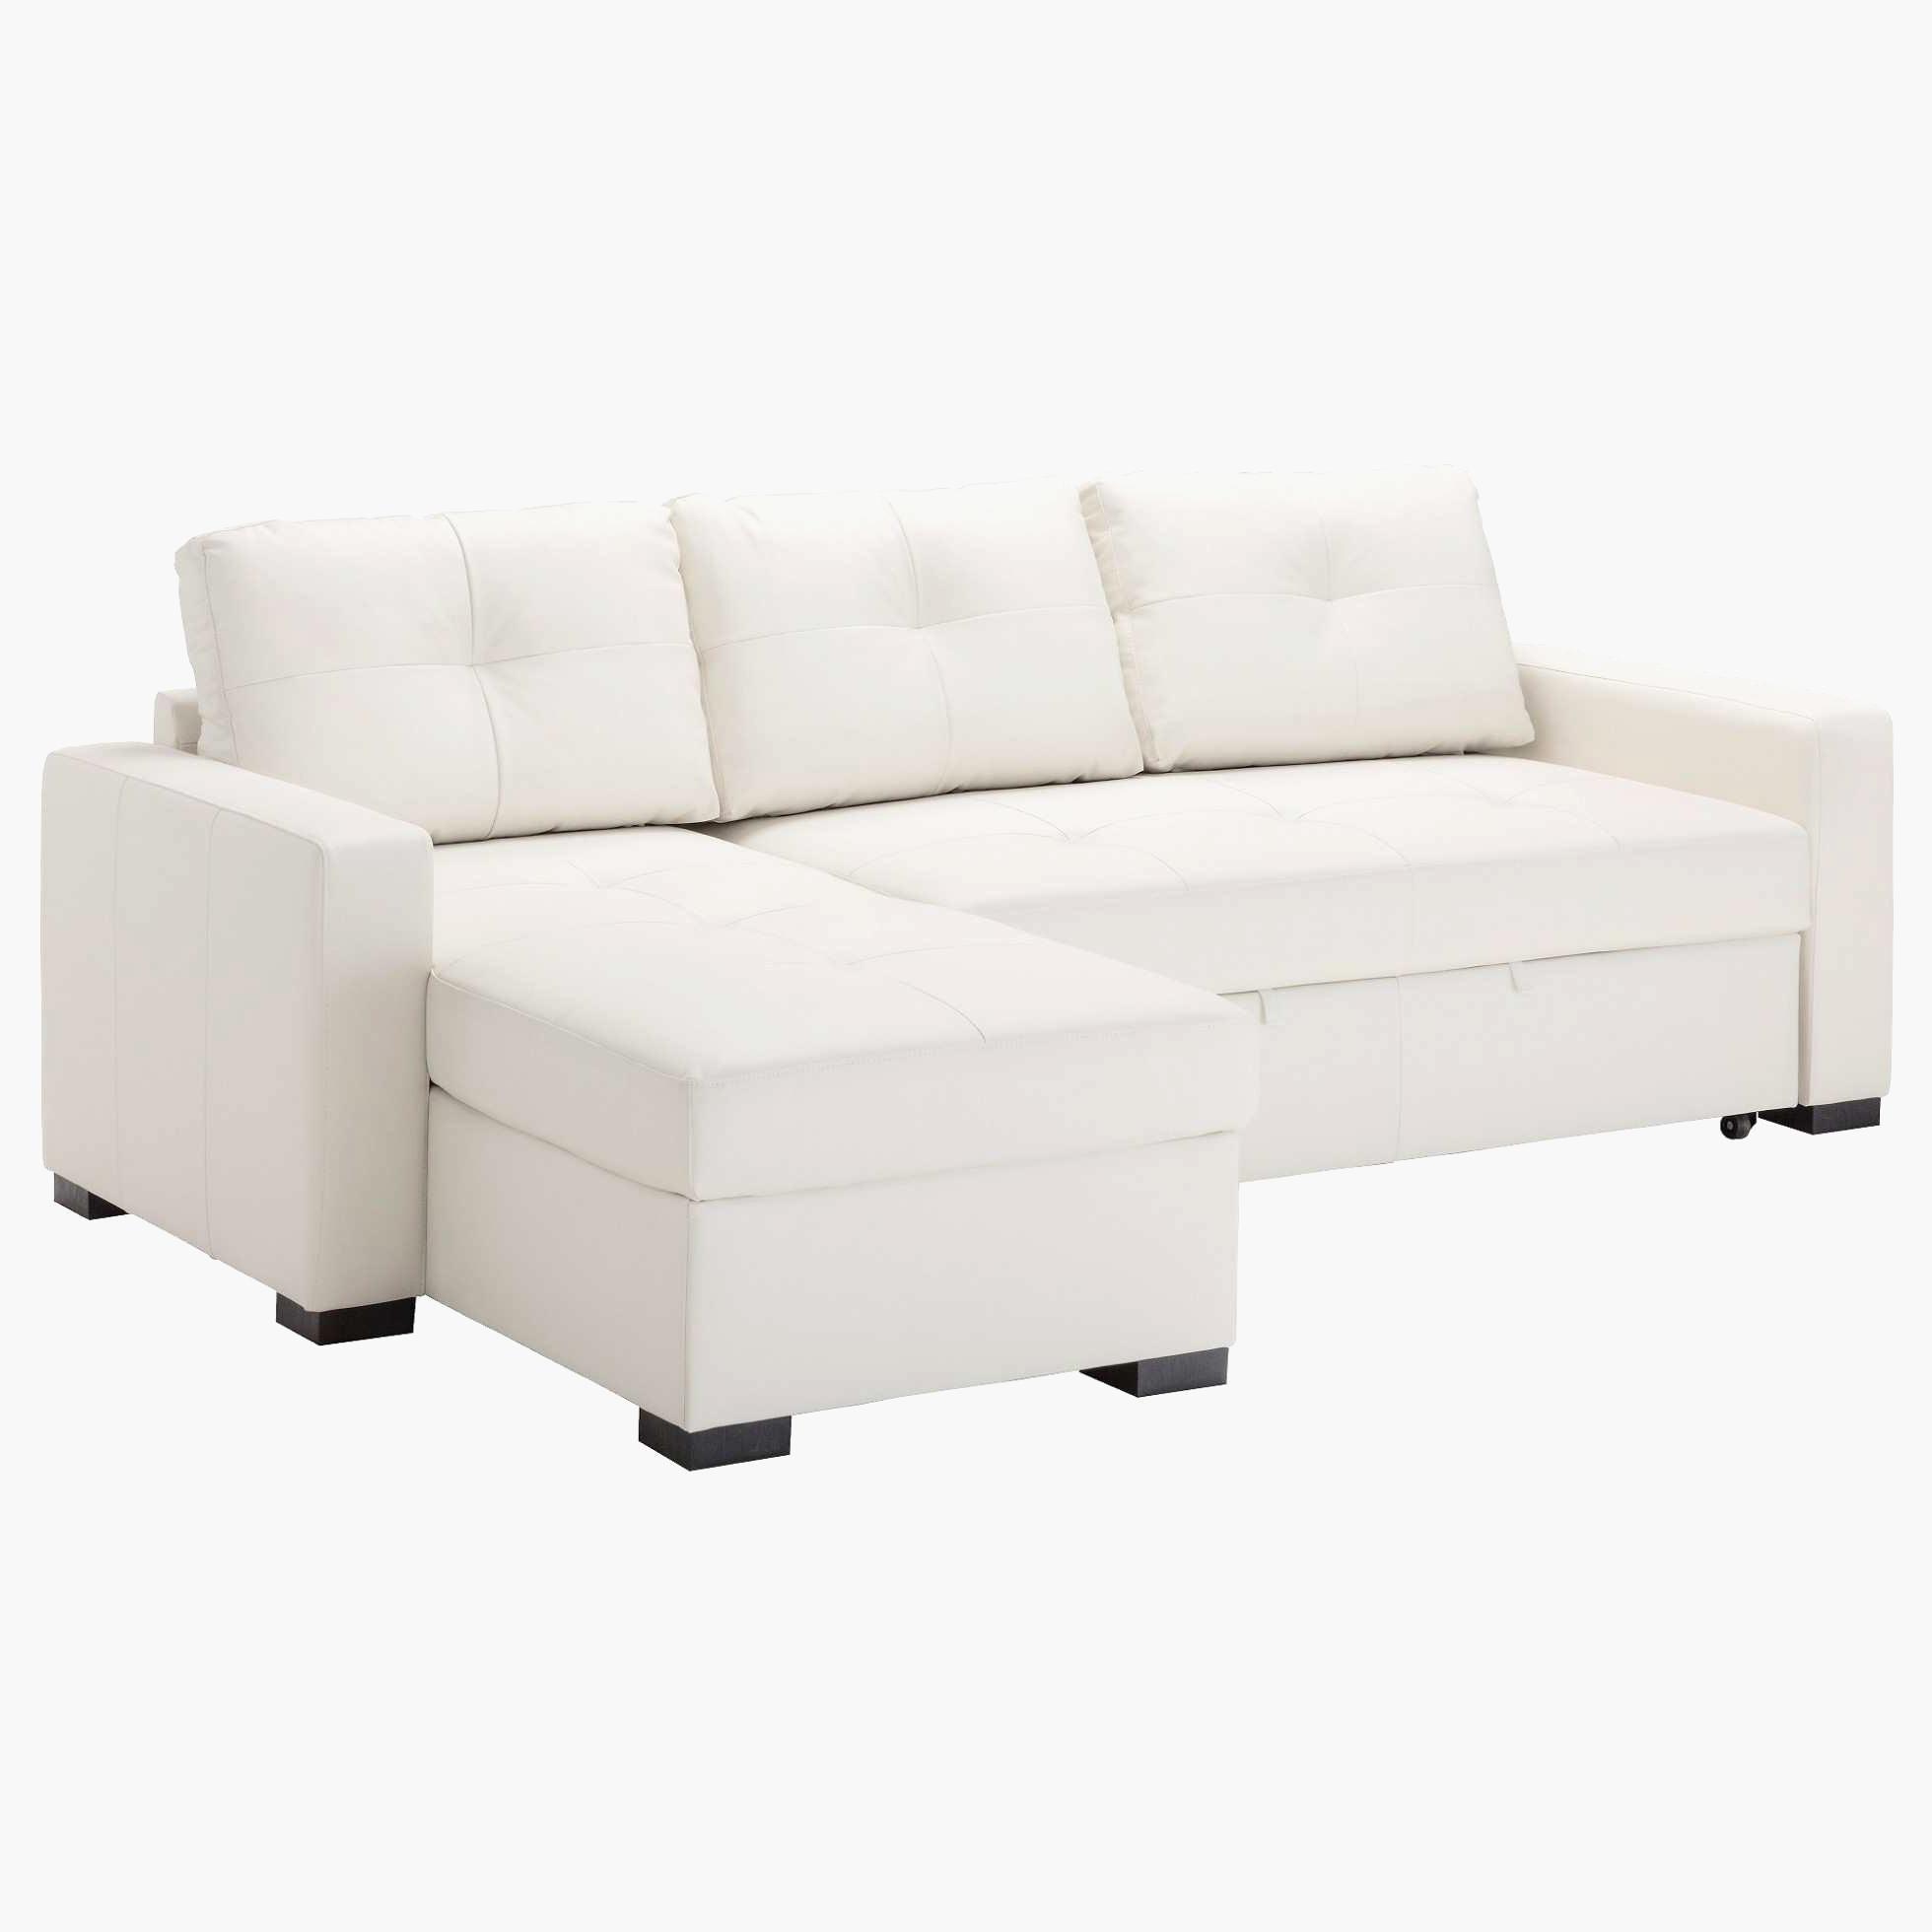 Carrefour sofas Cama H9d9 Cubre sofas Hipercor Fundas De sofa Carrefour Nuevo sofa Cama Ikea